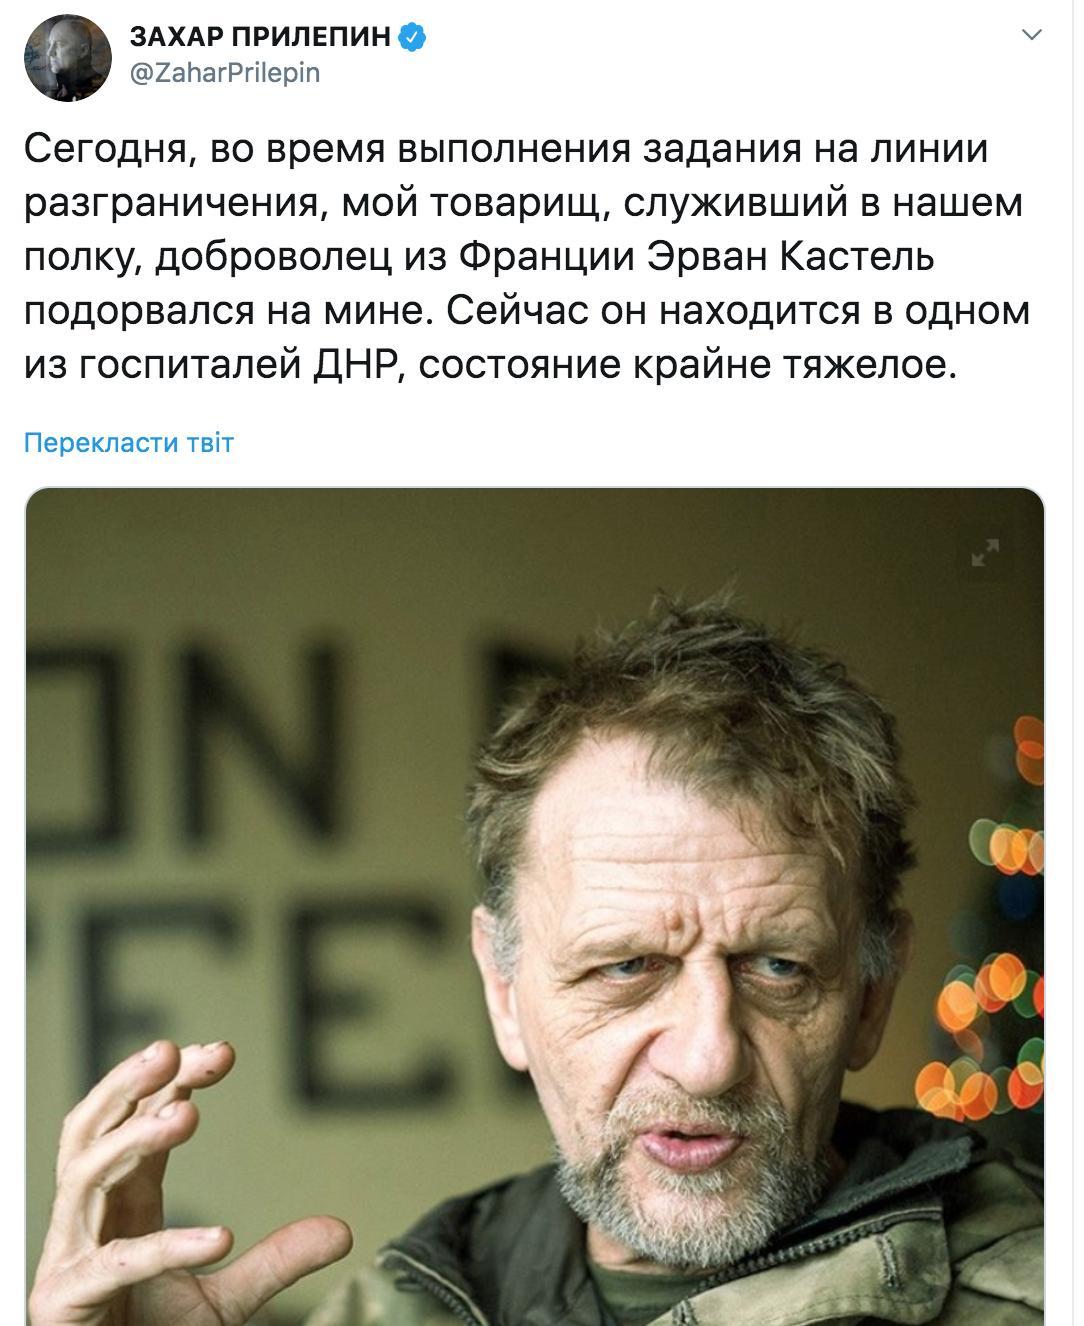 Двох українських воїнів поранено від початку доби 23 вересня. Ворог порушив перемир'я 7 разів, - штаб ООС - Цензор.НЕТ 8959